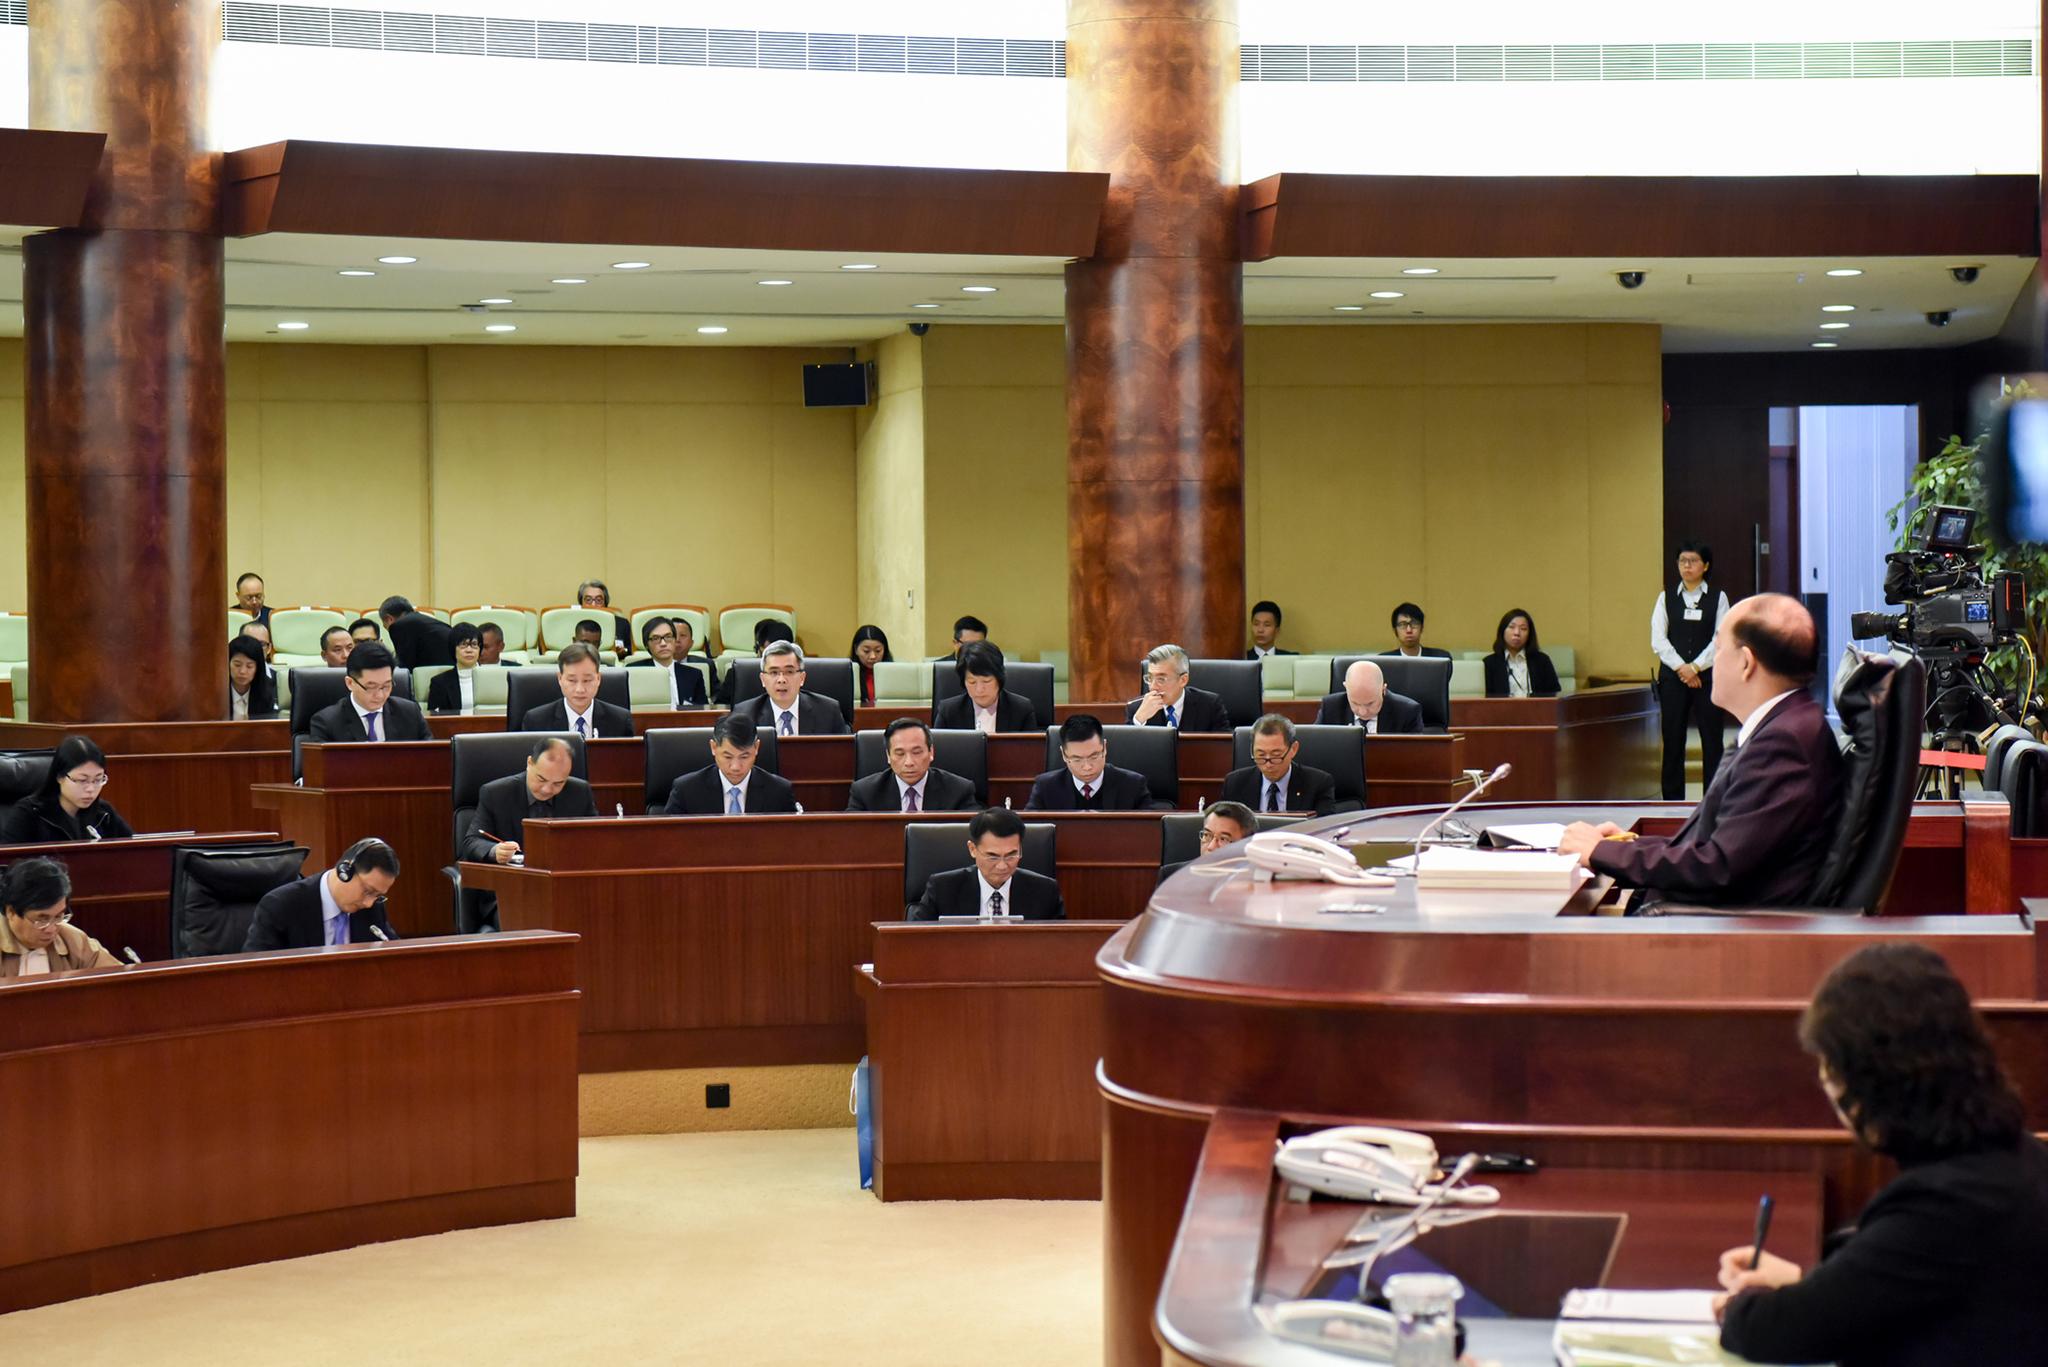 Deputados pedem fiscalização a estabelecimentos de ensino devido a casos de abuso sexual